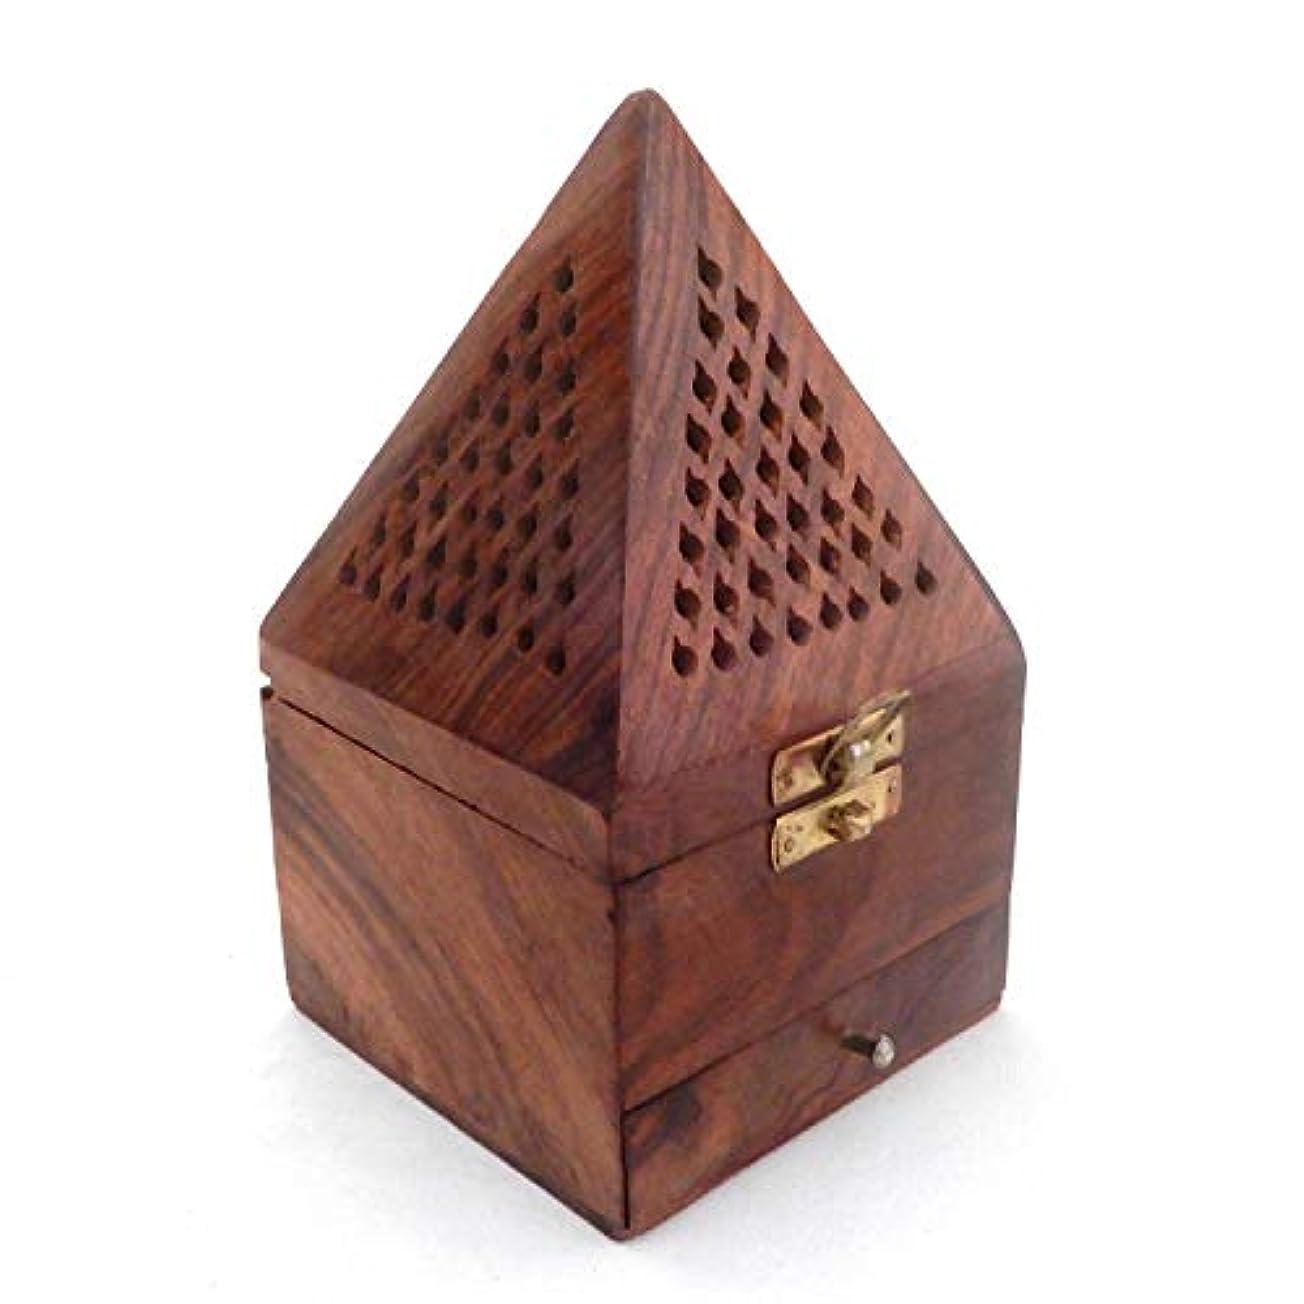 人物アライアンスメロドラマティッククリスマスプレゼント、木製ピラミッド形状Burner、Dhoopホルダーwith Base正方形とトップ円錐形状Dhoopホルダー